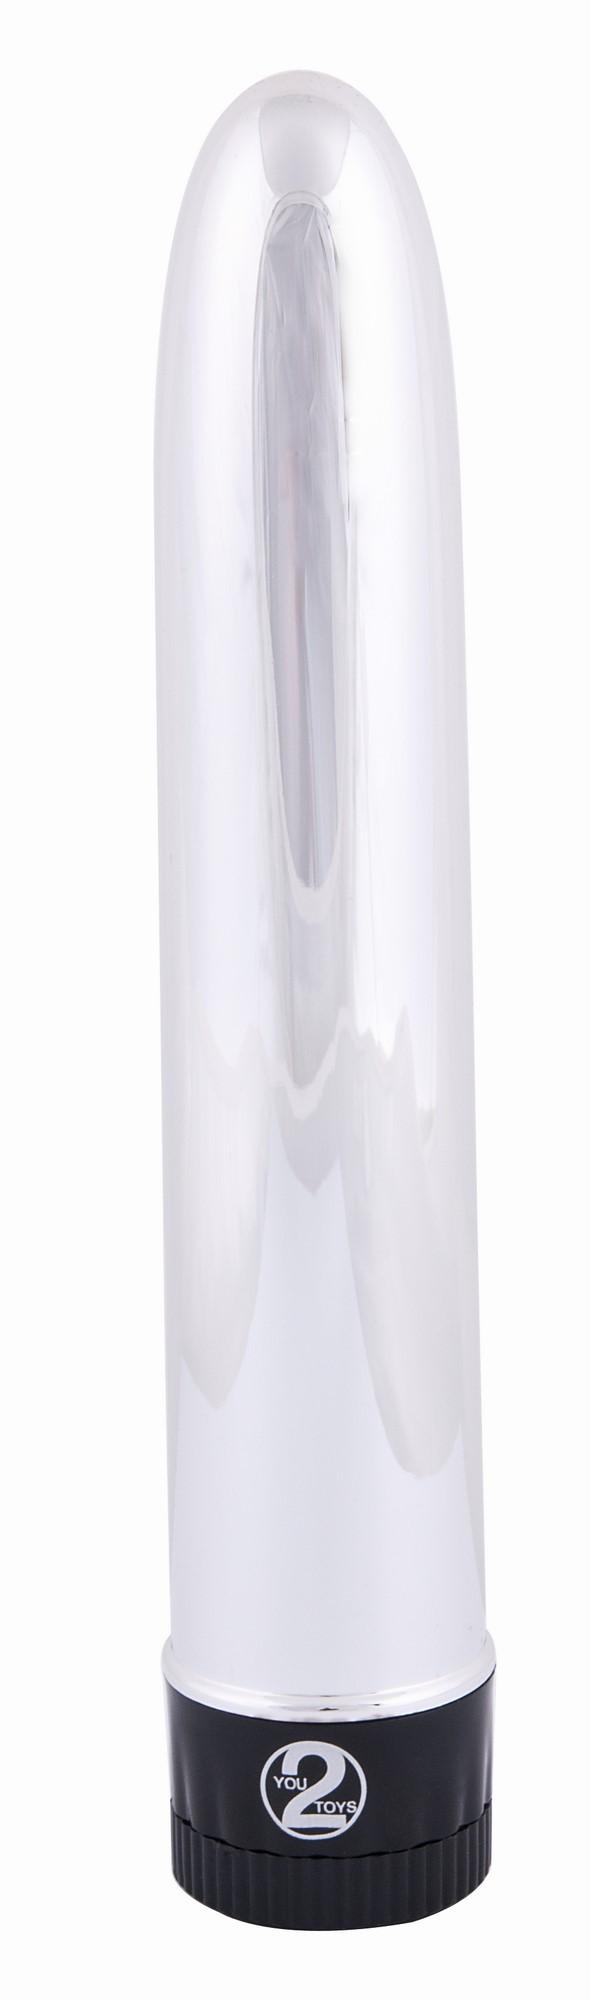 Klasszikus (rúdvibrátor) / Ezüst szerelem vibrátor